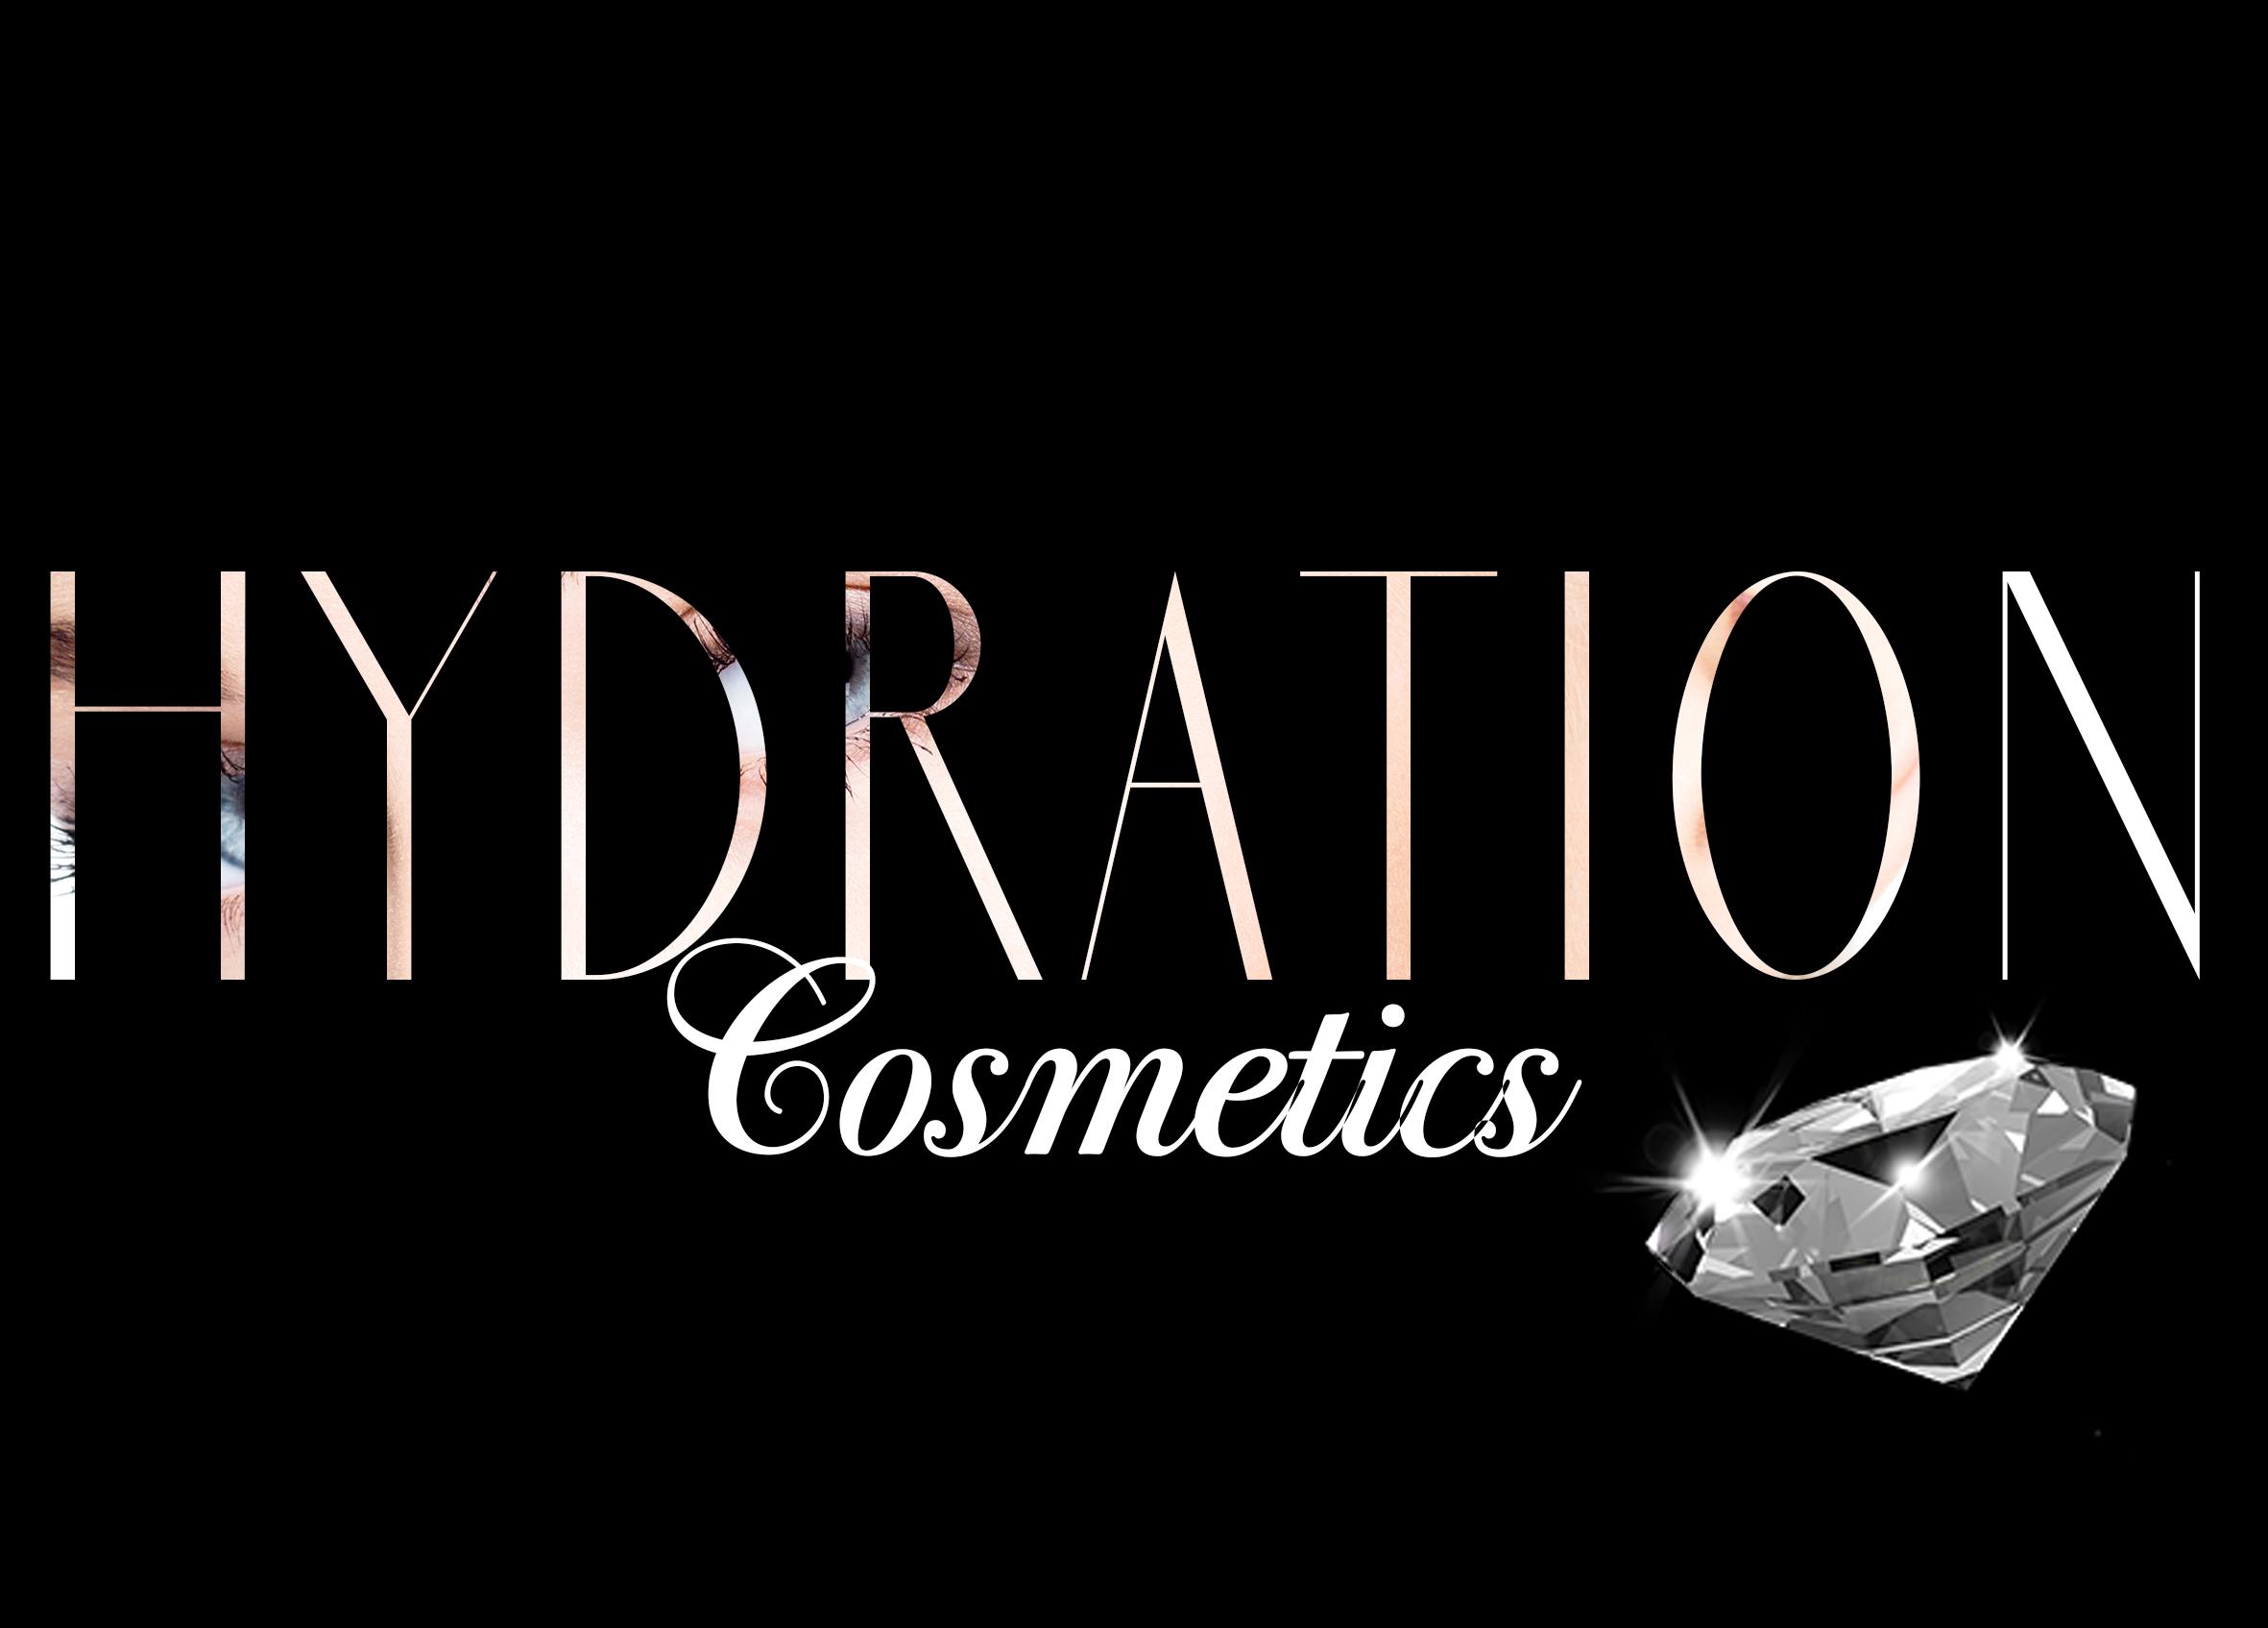 Λογότυπο Ελένη- Hydration cosmetics